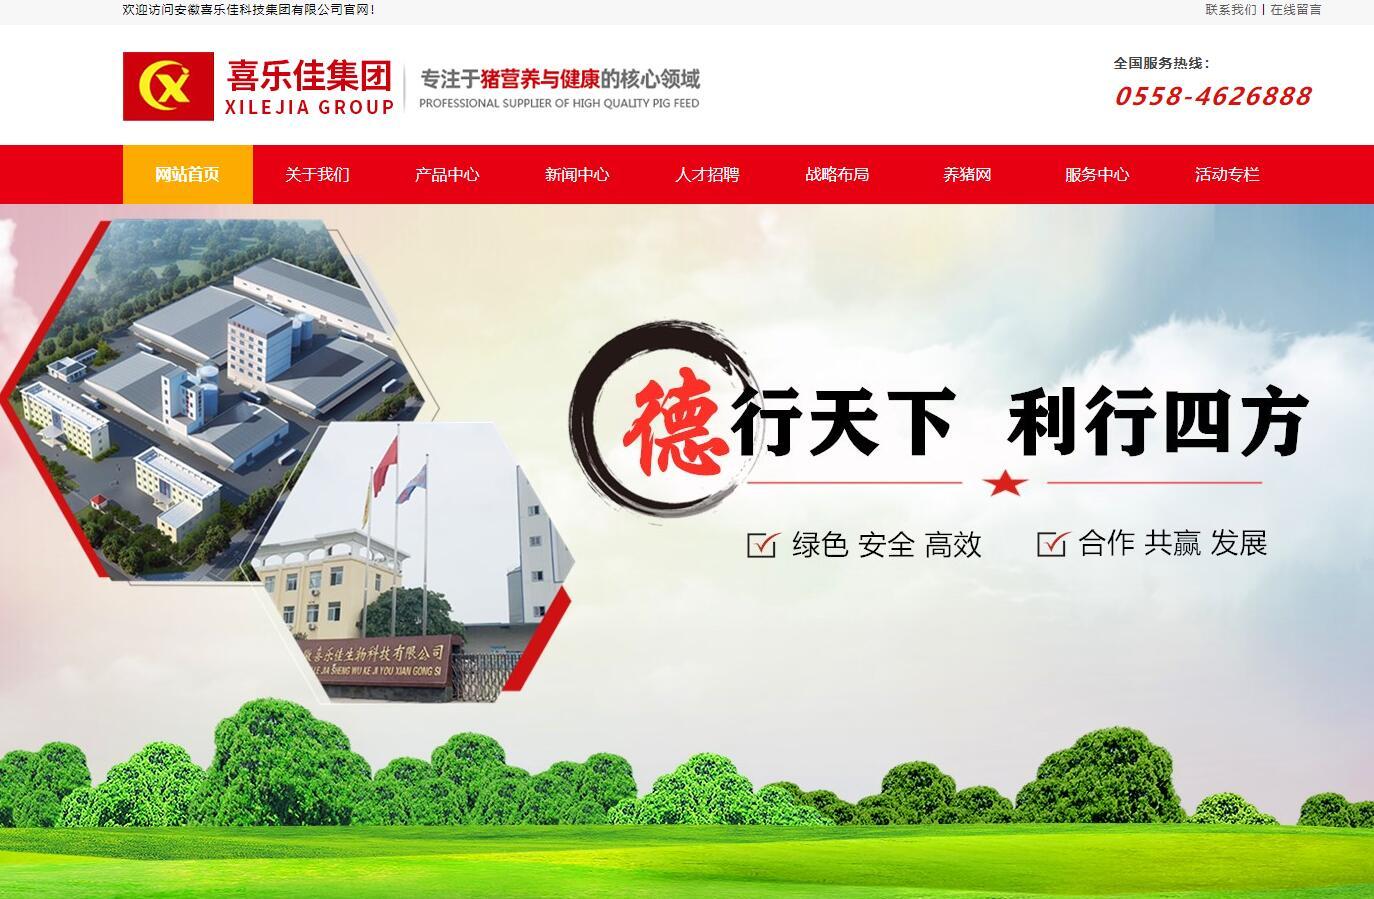 安徽喜乐佳科技集团有限公司